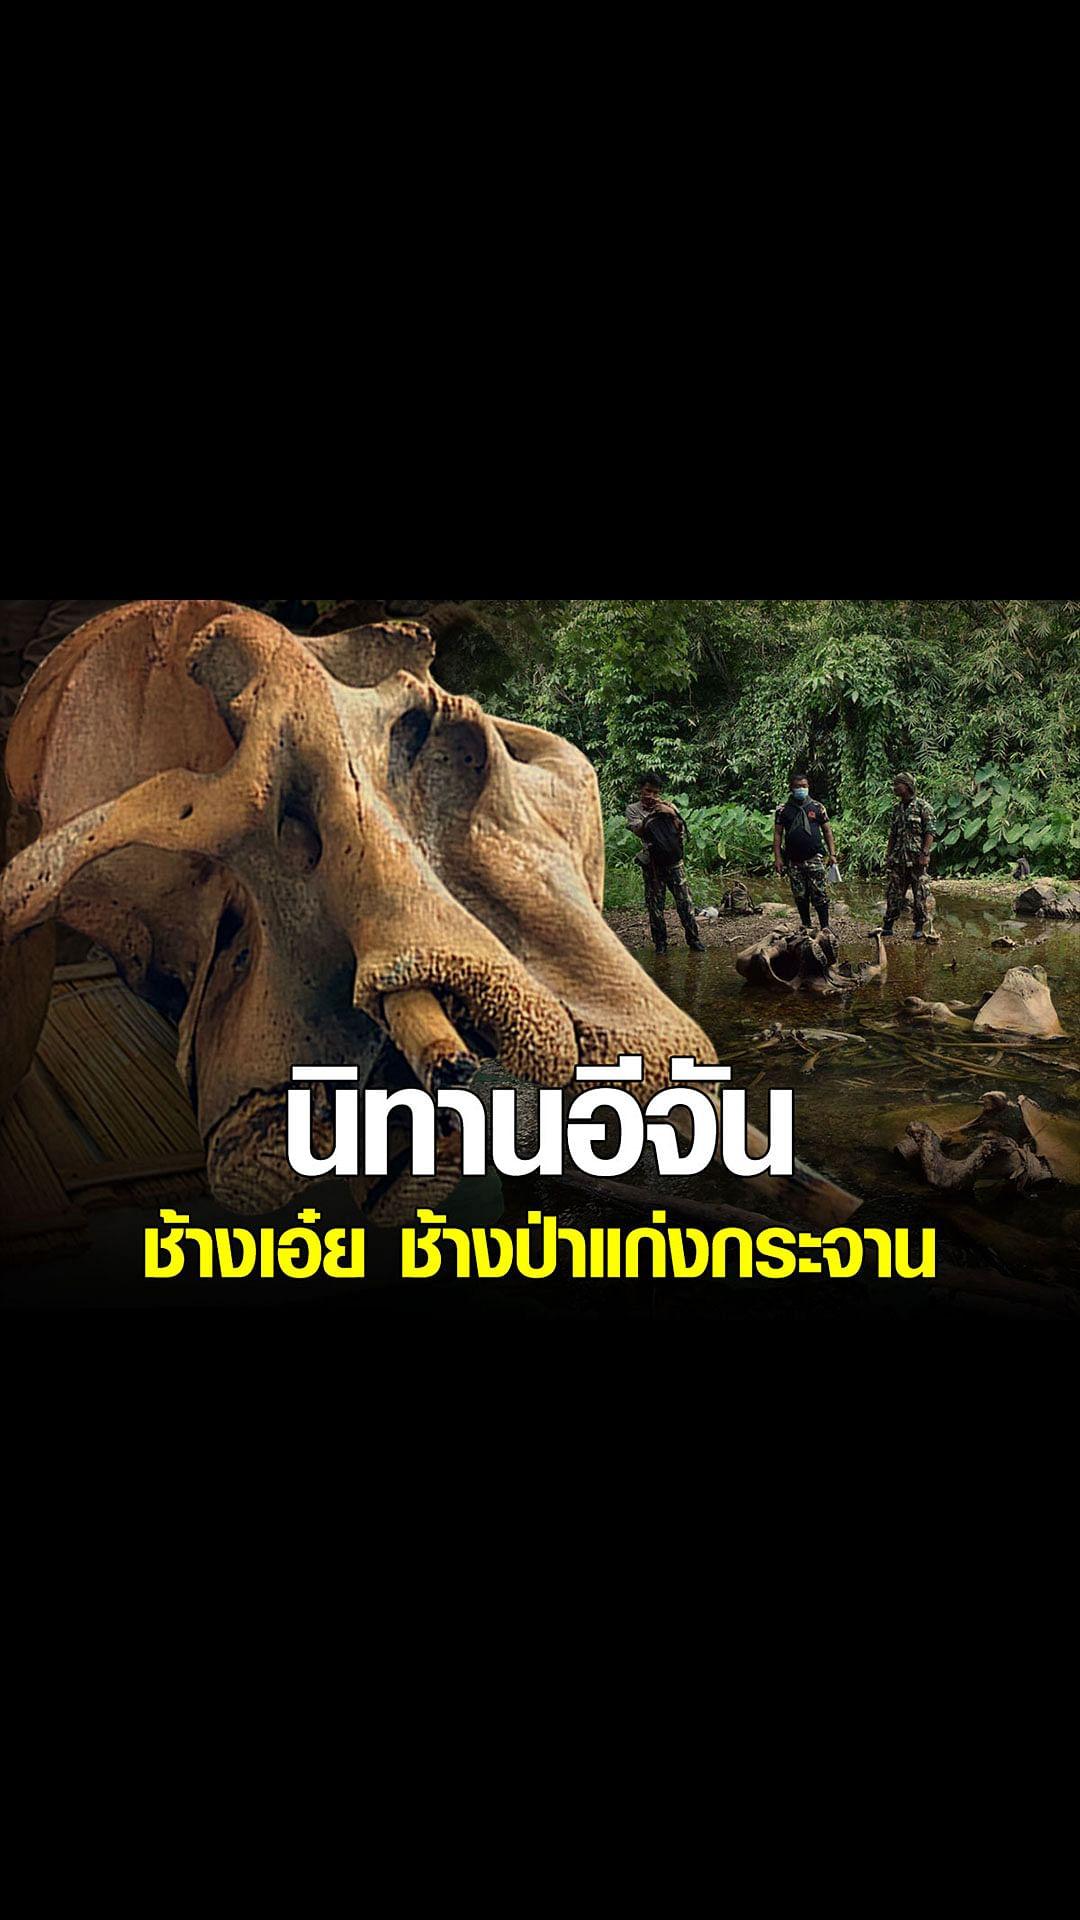 อีจัน - สตอรี่ นิทานอีจัน เรื่อง ช้างเอ๋ย ช้างป่าแก่งกระจาน